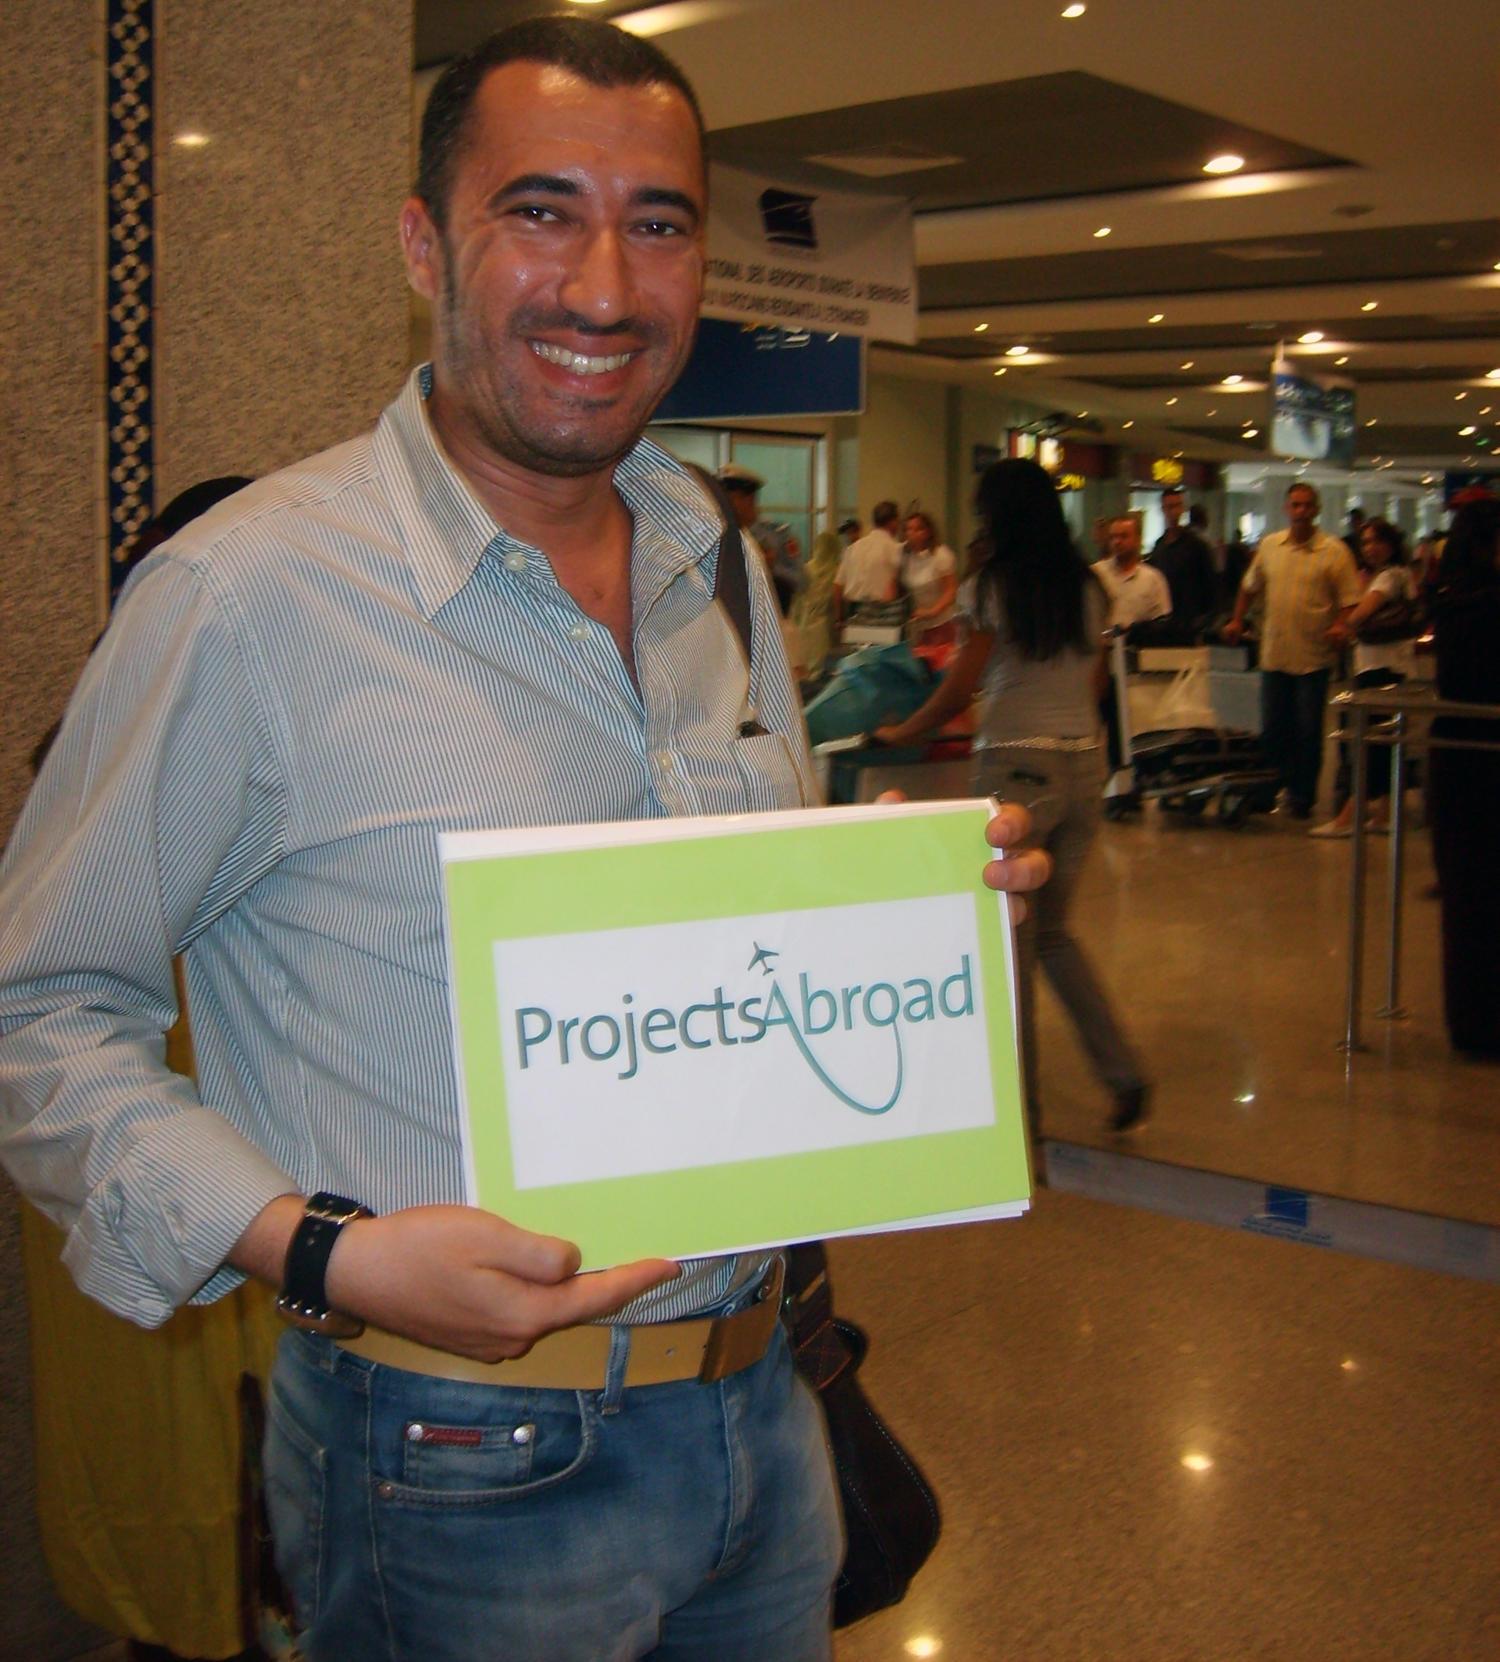 Un membre de l'équipe locale tient une pancarte Projects Abroad à l'aéroport au Maroc